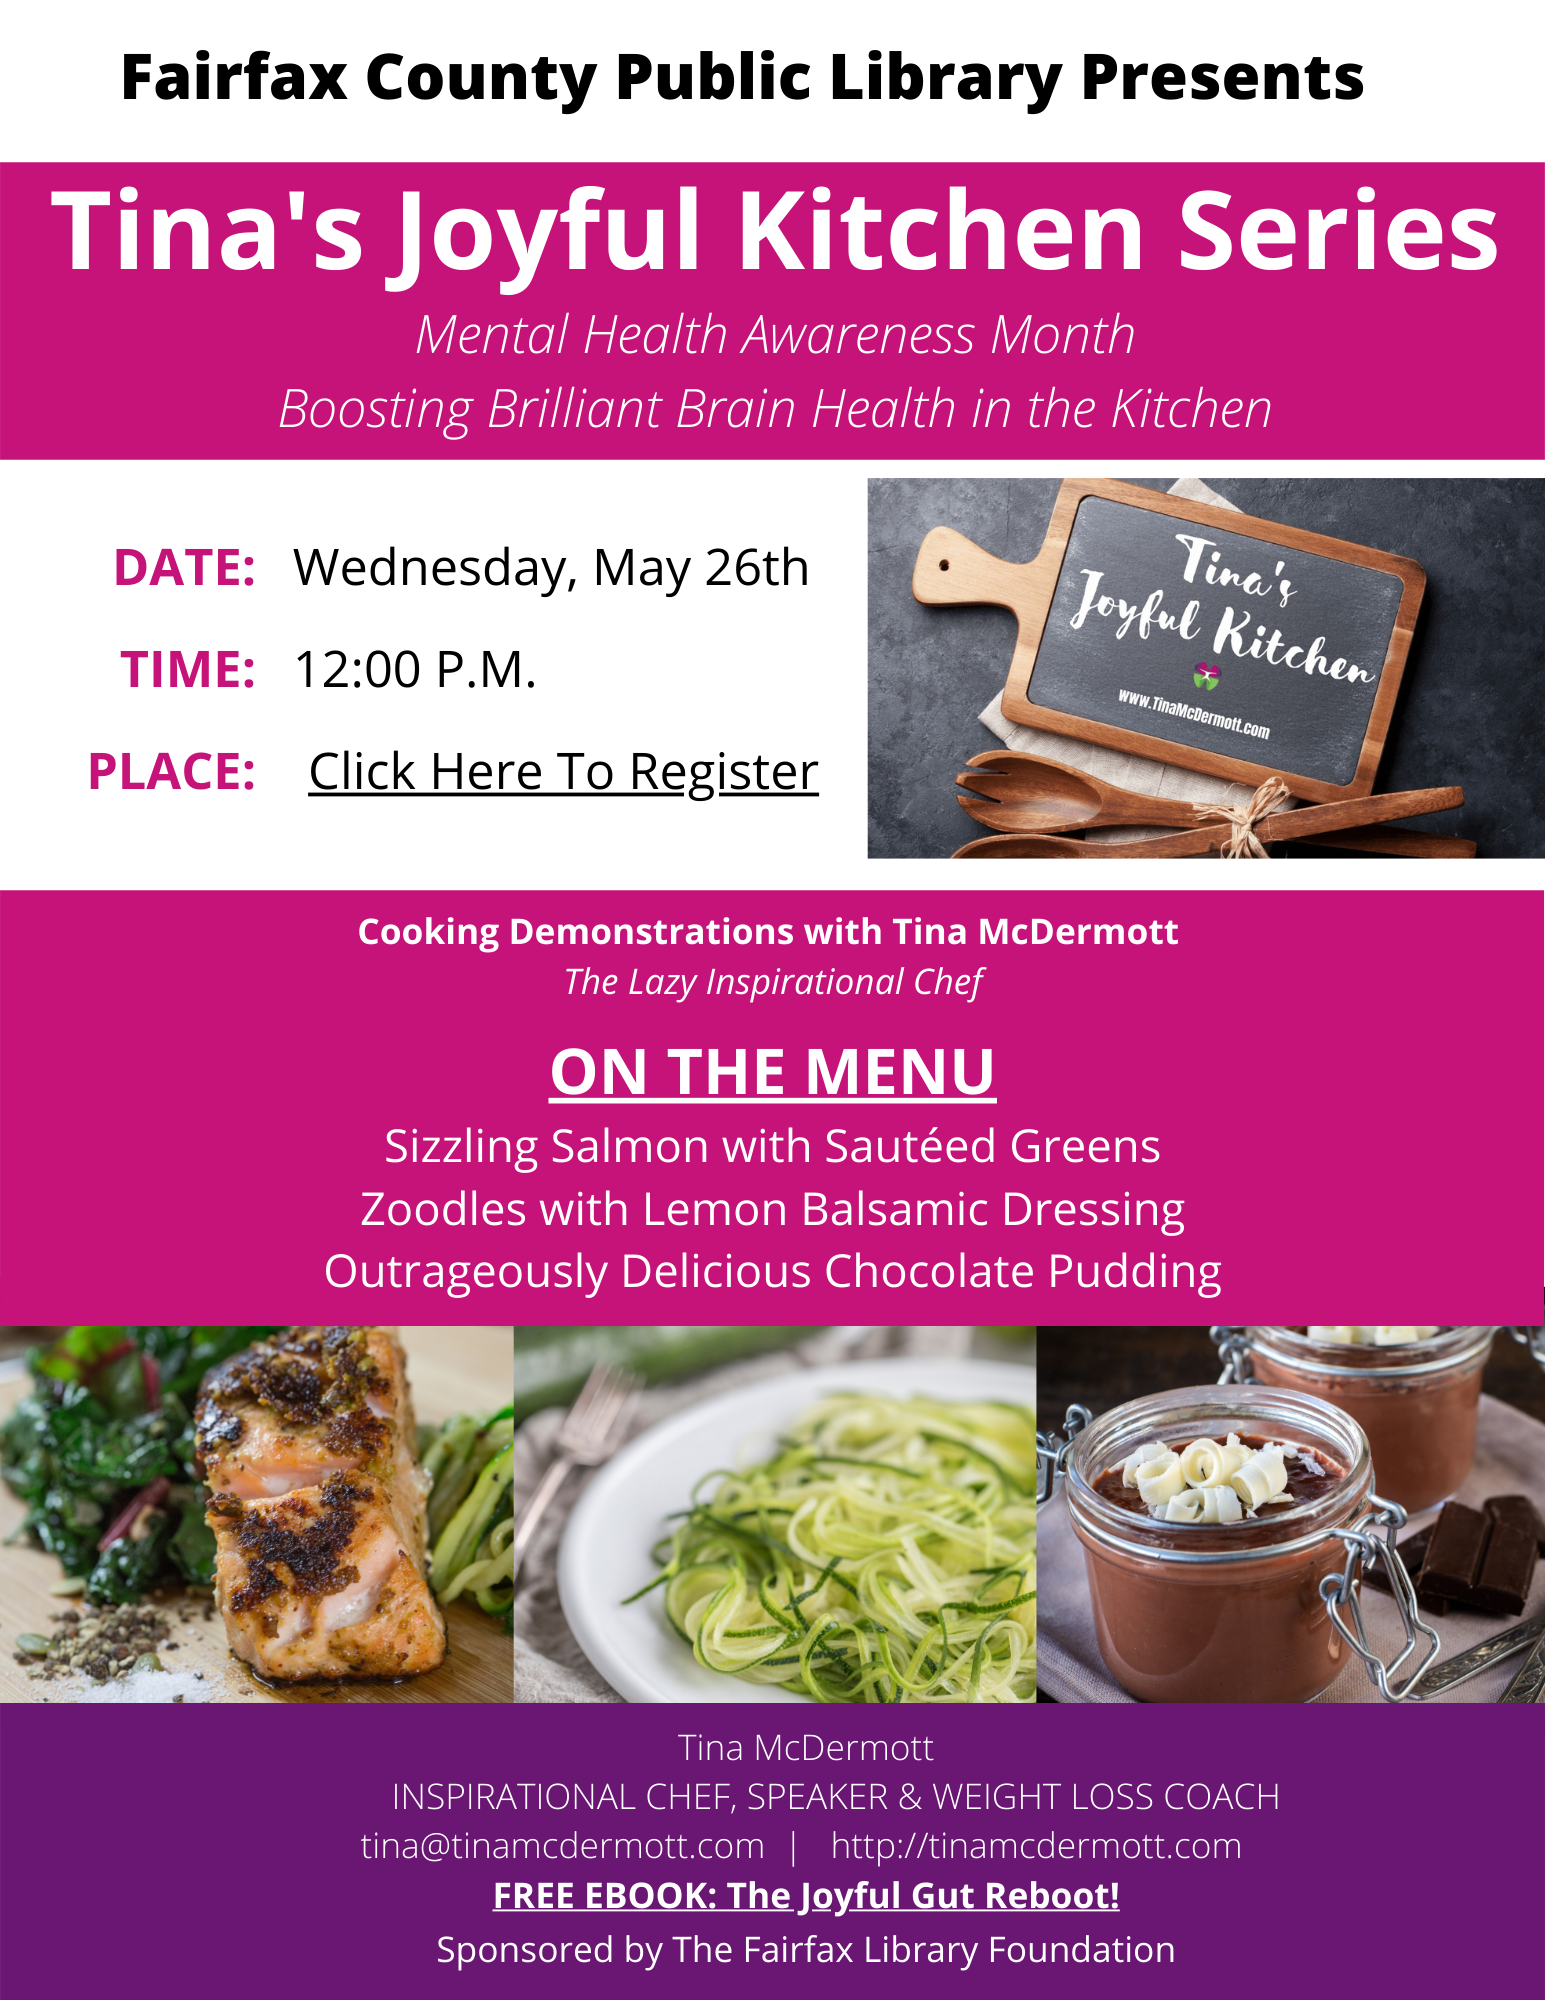 Tina's Joyous Kitchen series: Mental Health Awareness Month